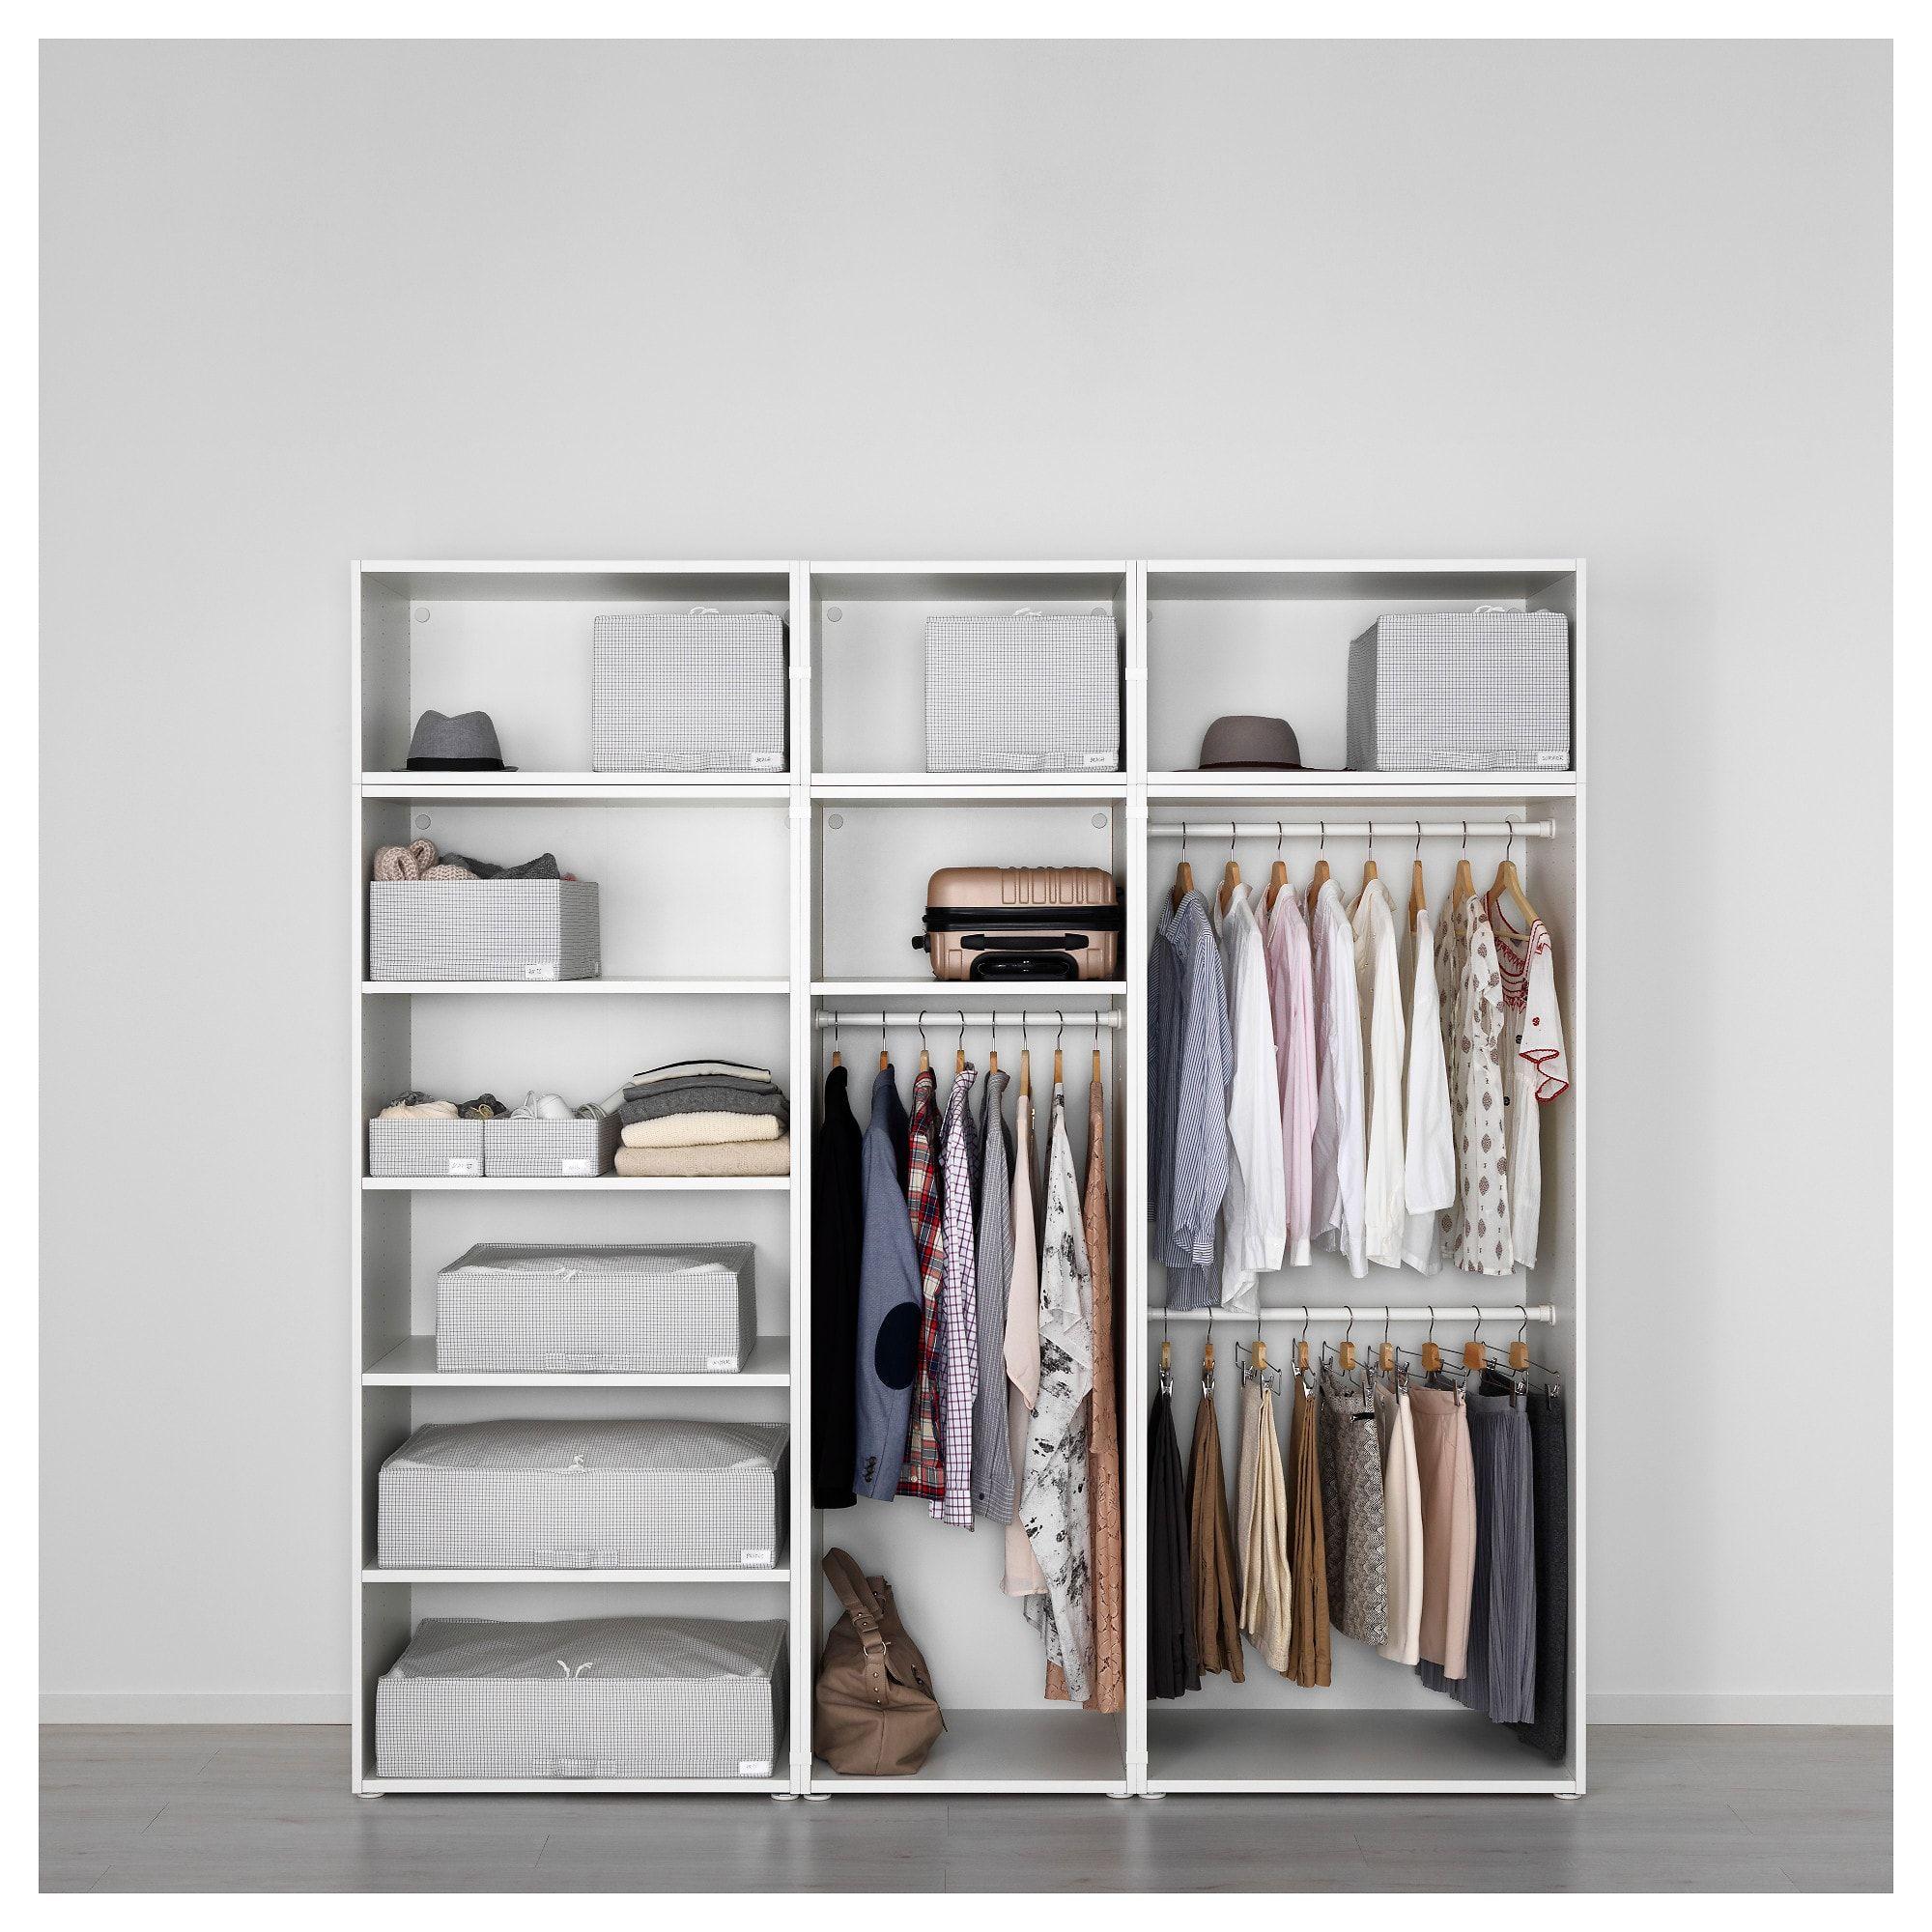 Platsa Kleiderschrank Weiss Skatval Dunkelgrau Auf Die Einkaufsliste Ikea Osterreich Einen Kleiderschrank Bauen Hausmobel Schrank